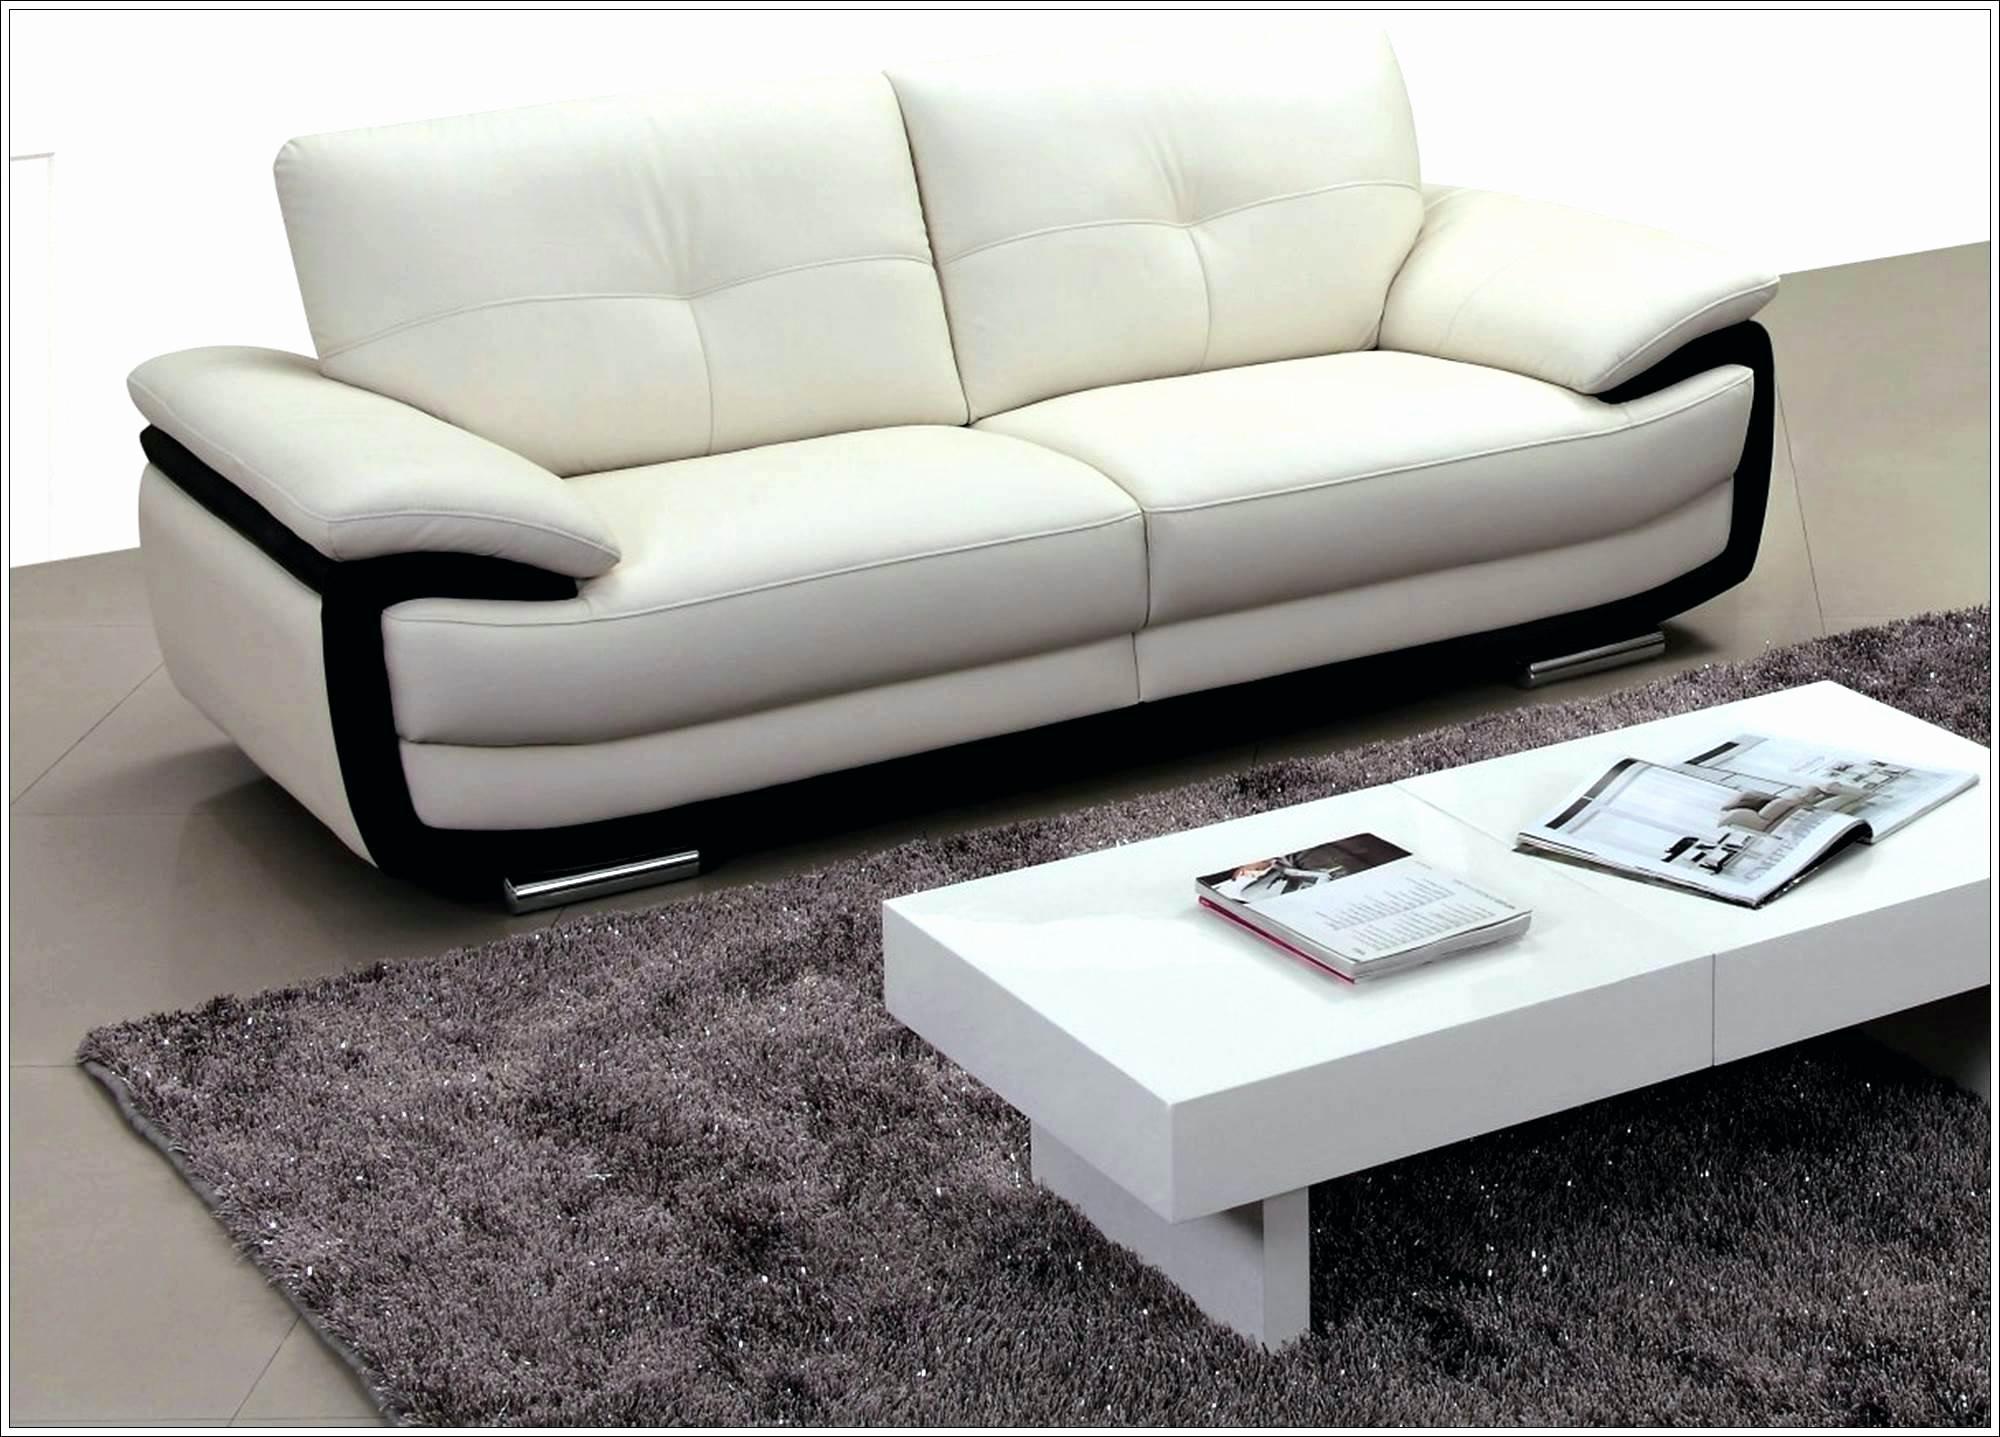 Canapé Convertible Capitonné Nouveau Photos Canap Convertible 3 Places Conforama 11 Lit 2 Pas Cher Ikea but